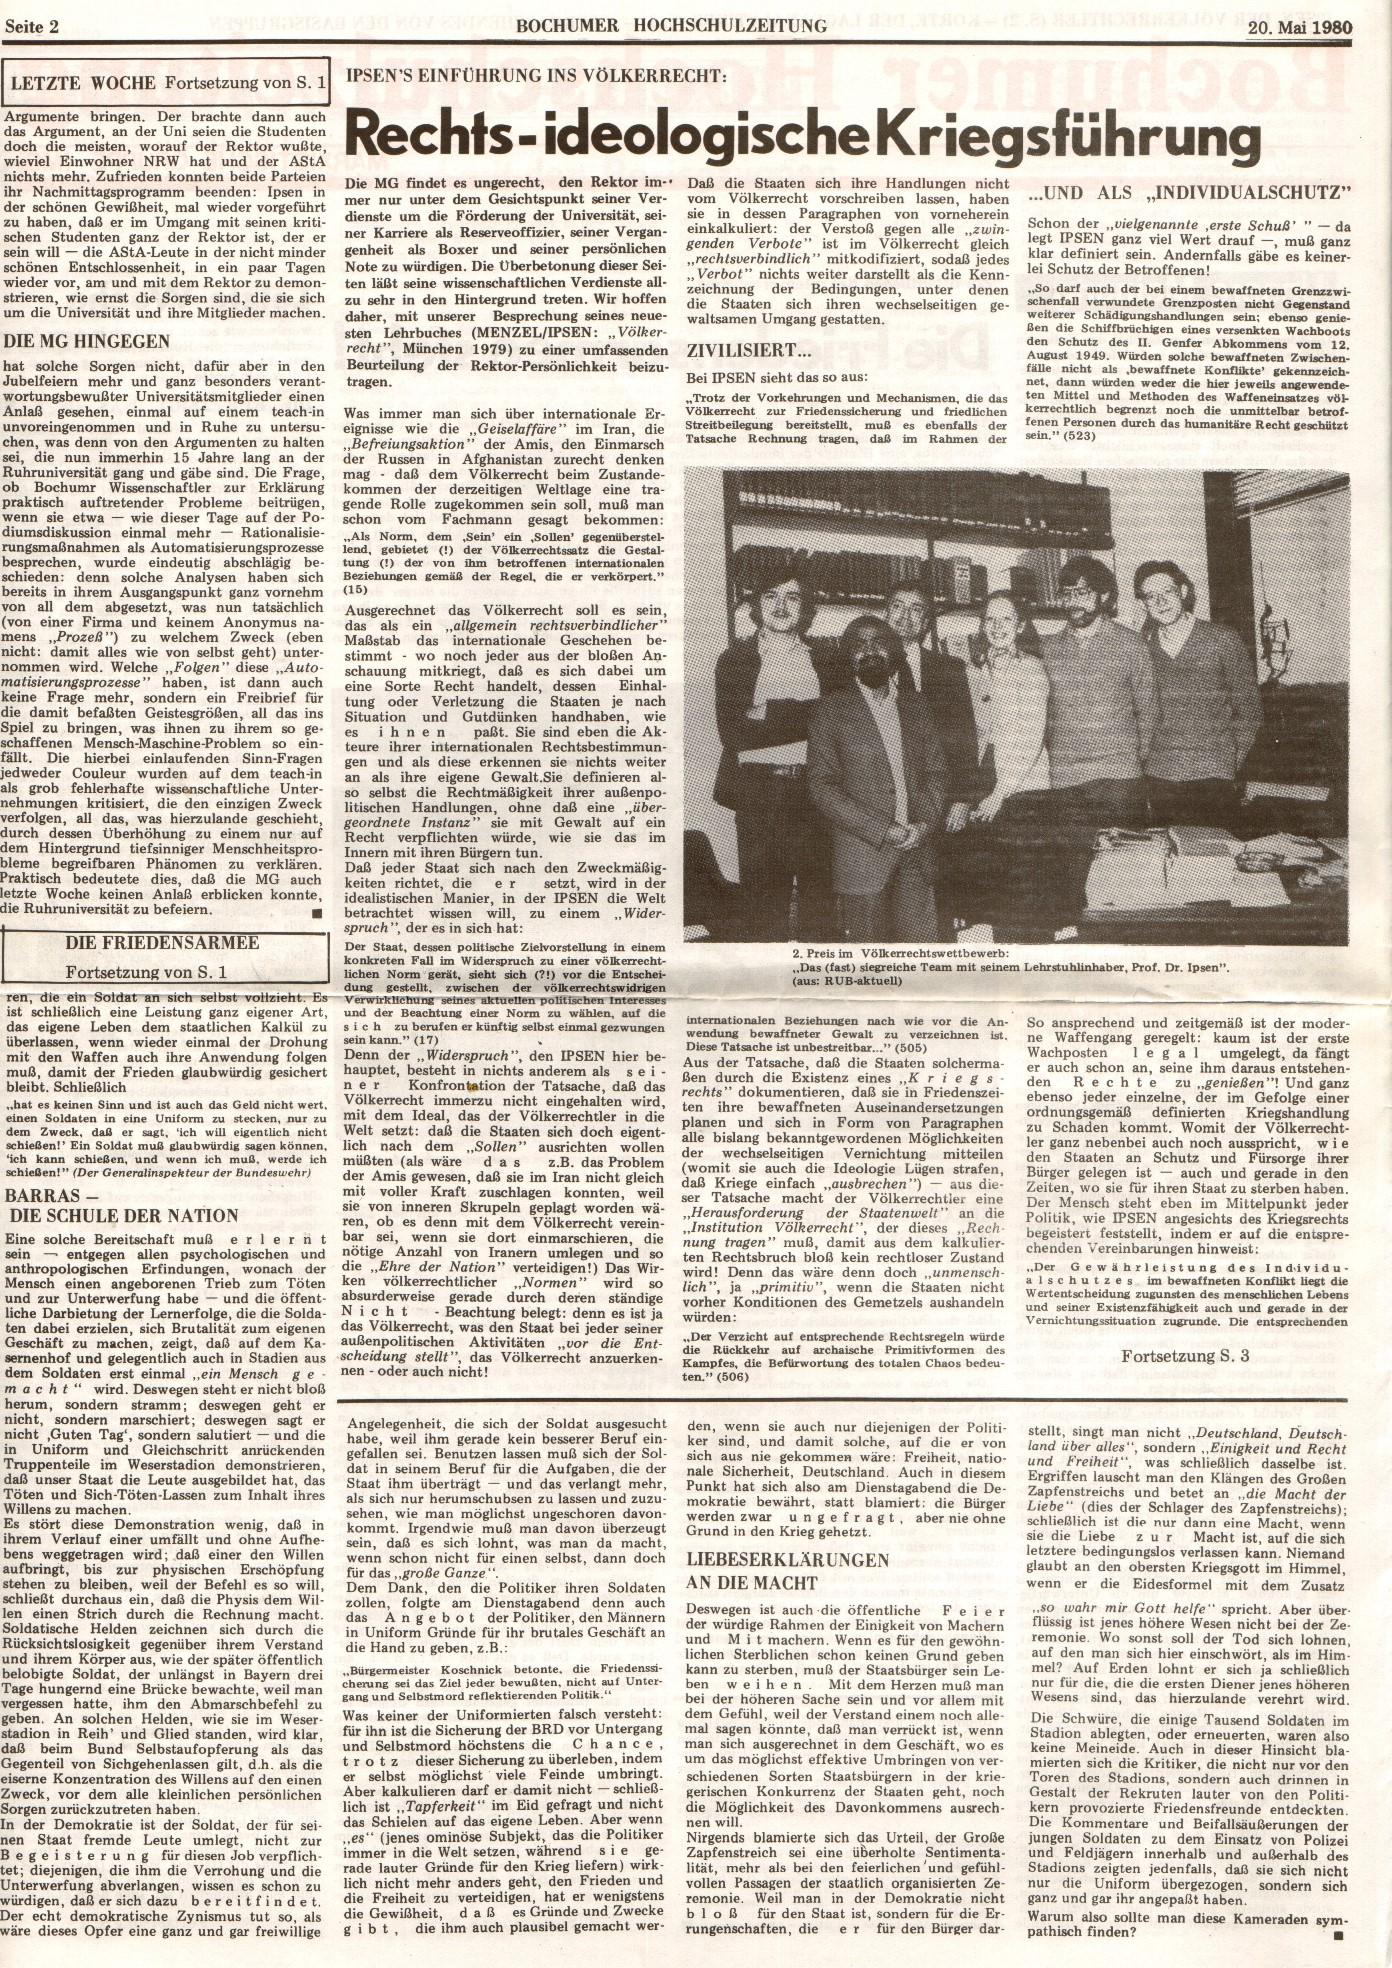 MG_Bochumer_Hochschulzeitung_19800520_02